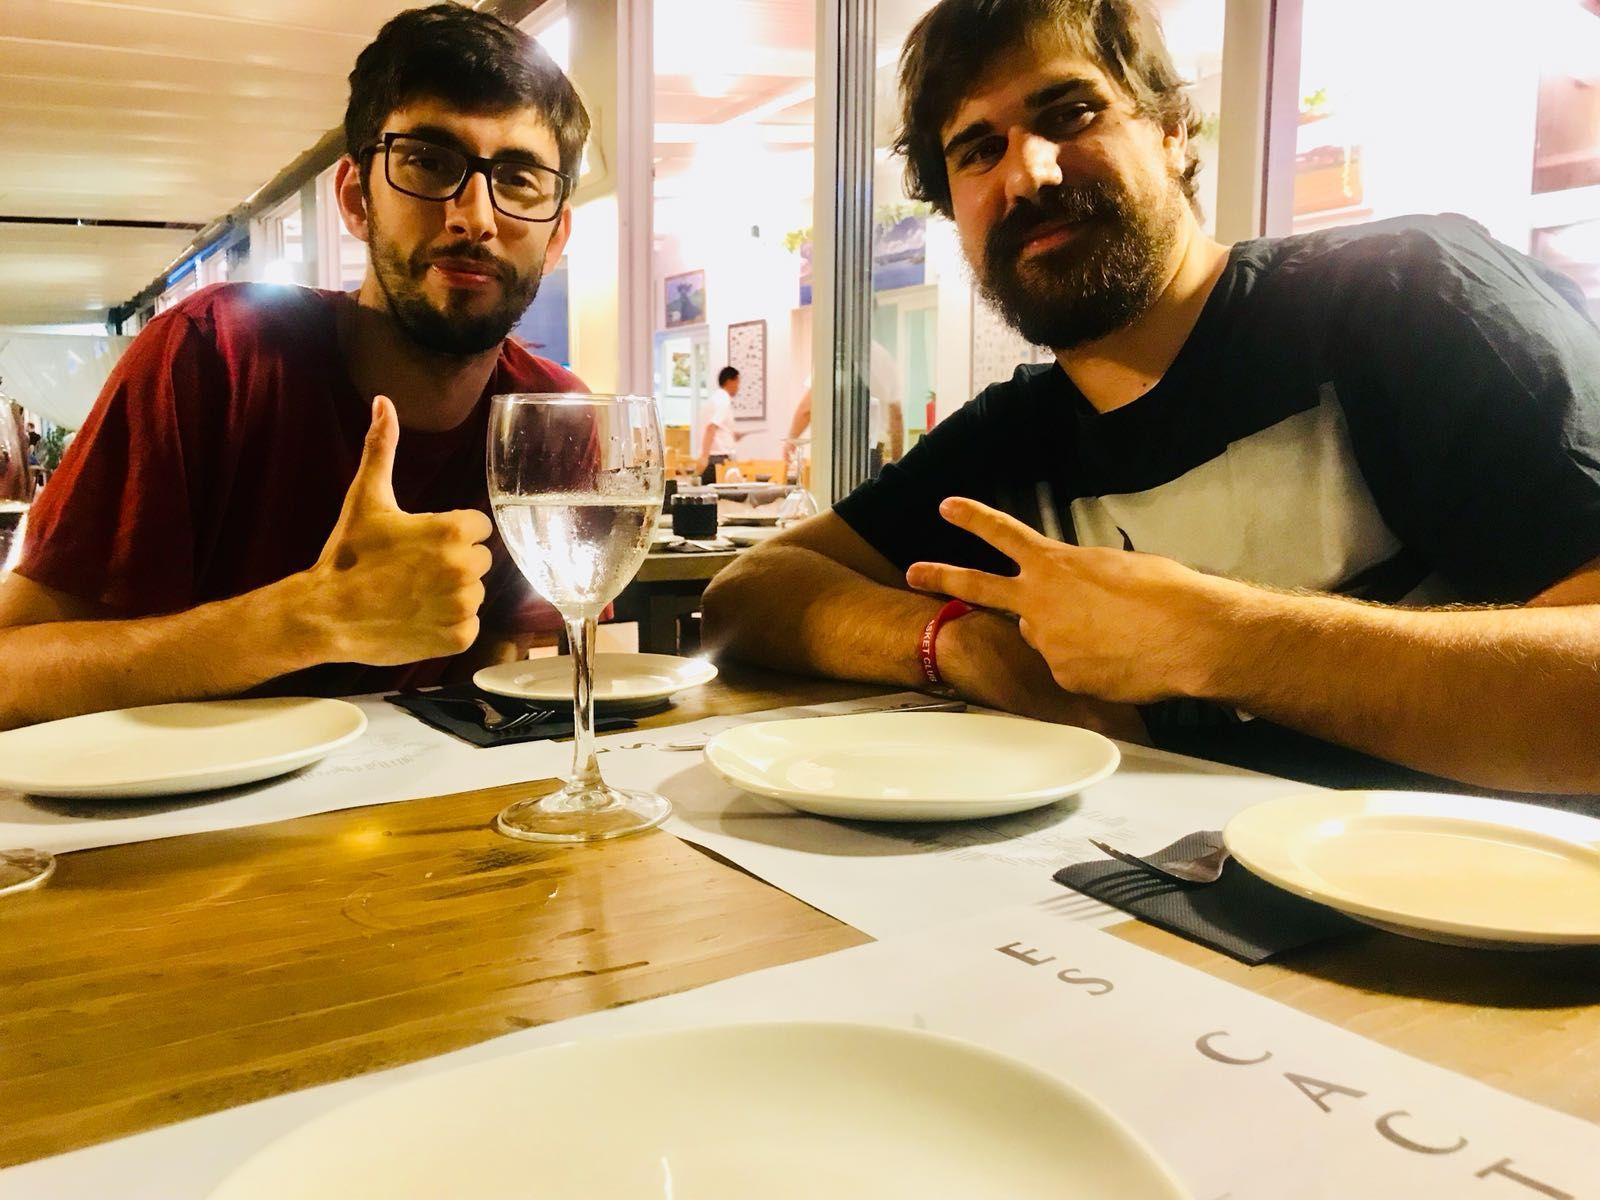 Reuniones entre amigos en El Mercadal